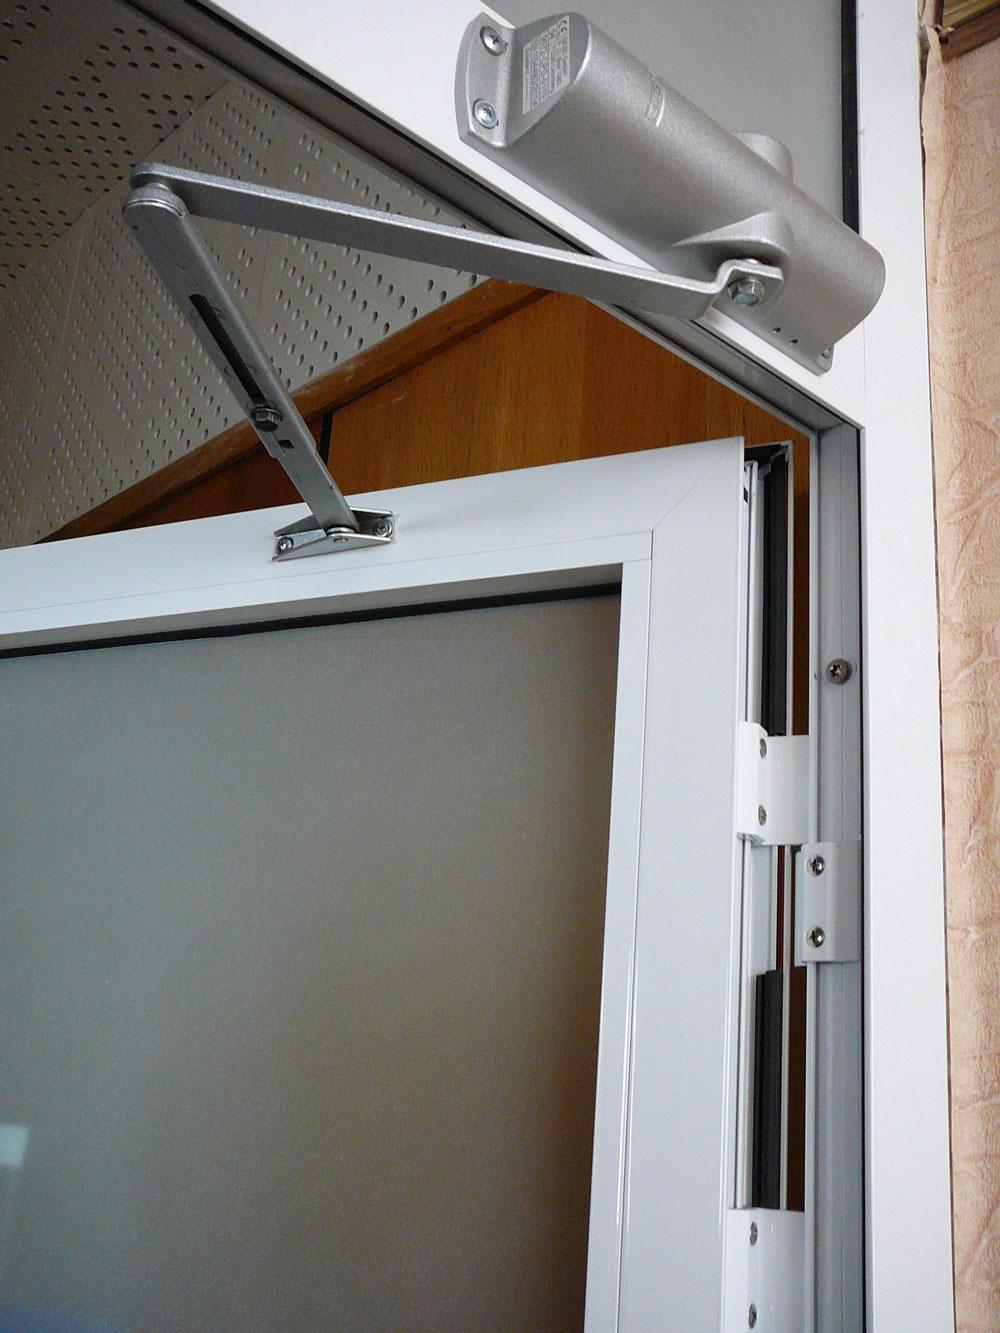 Krauss ( проведал ) алюминиевые двери.